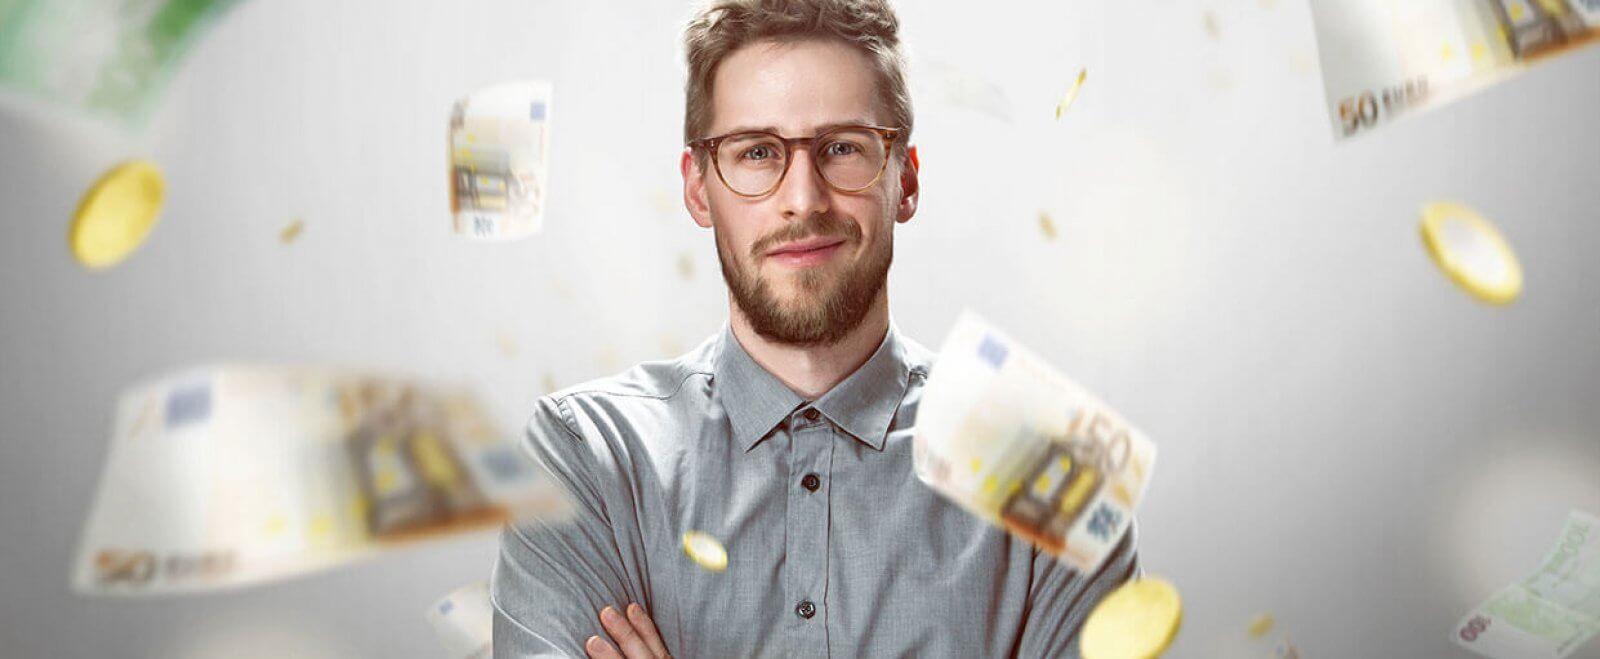 Absicherung für Selbständige: Die Erwerbsminderungsrente